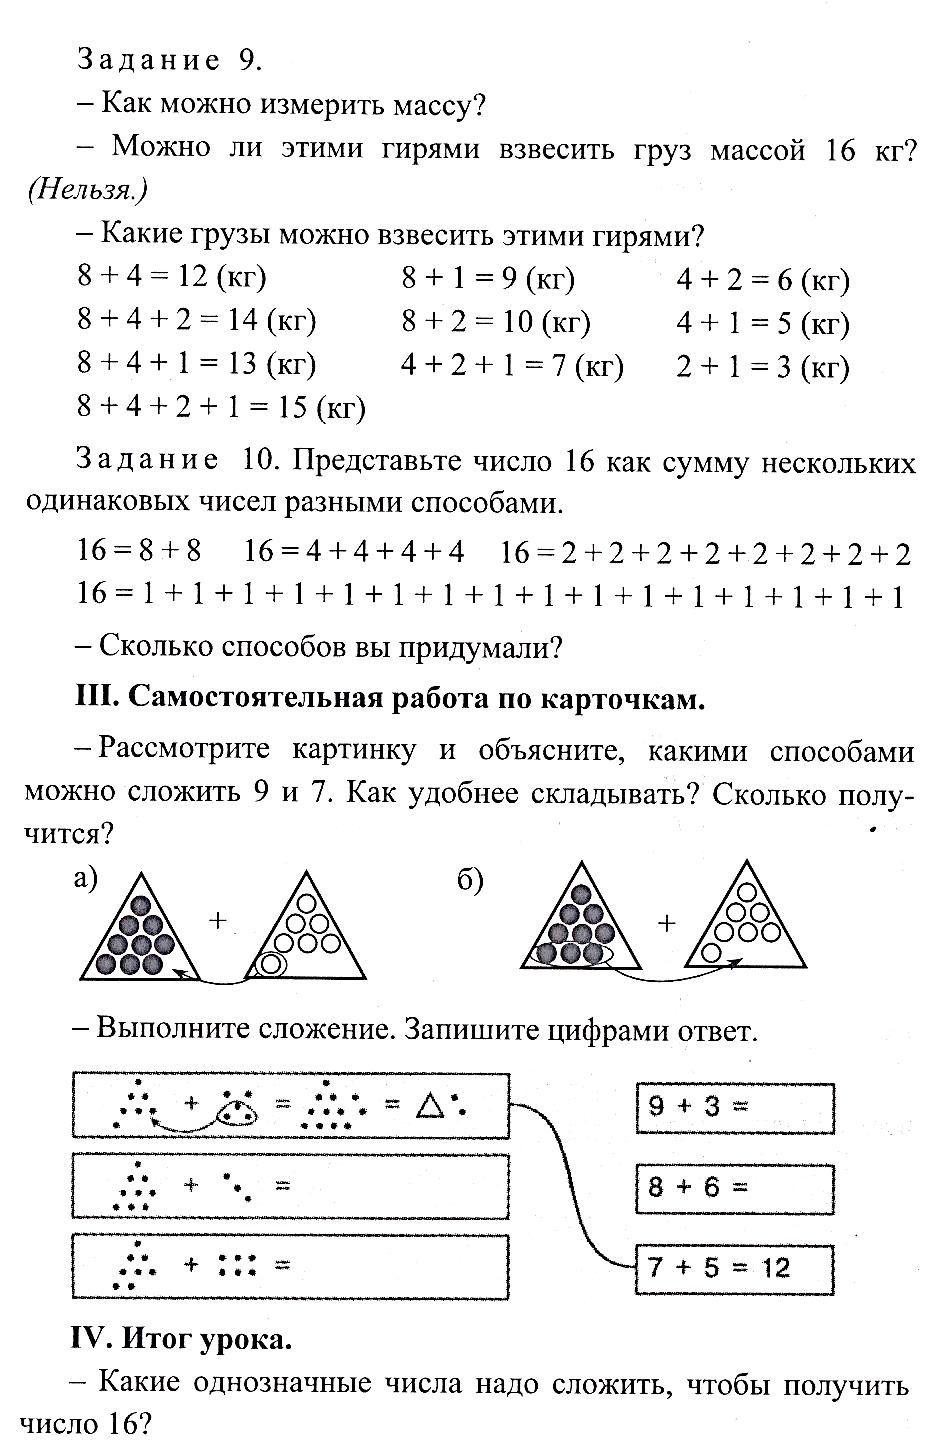 E:\математика сканирована на уроки\сканирование0014.jpg